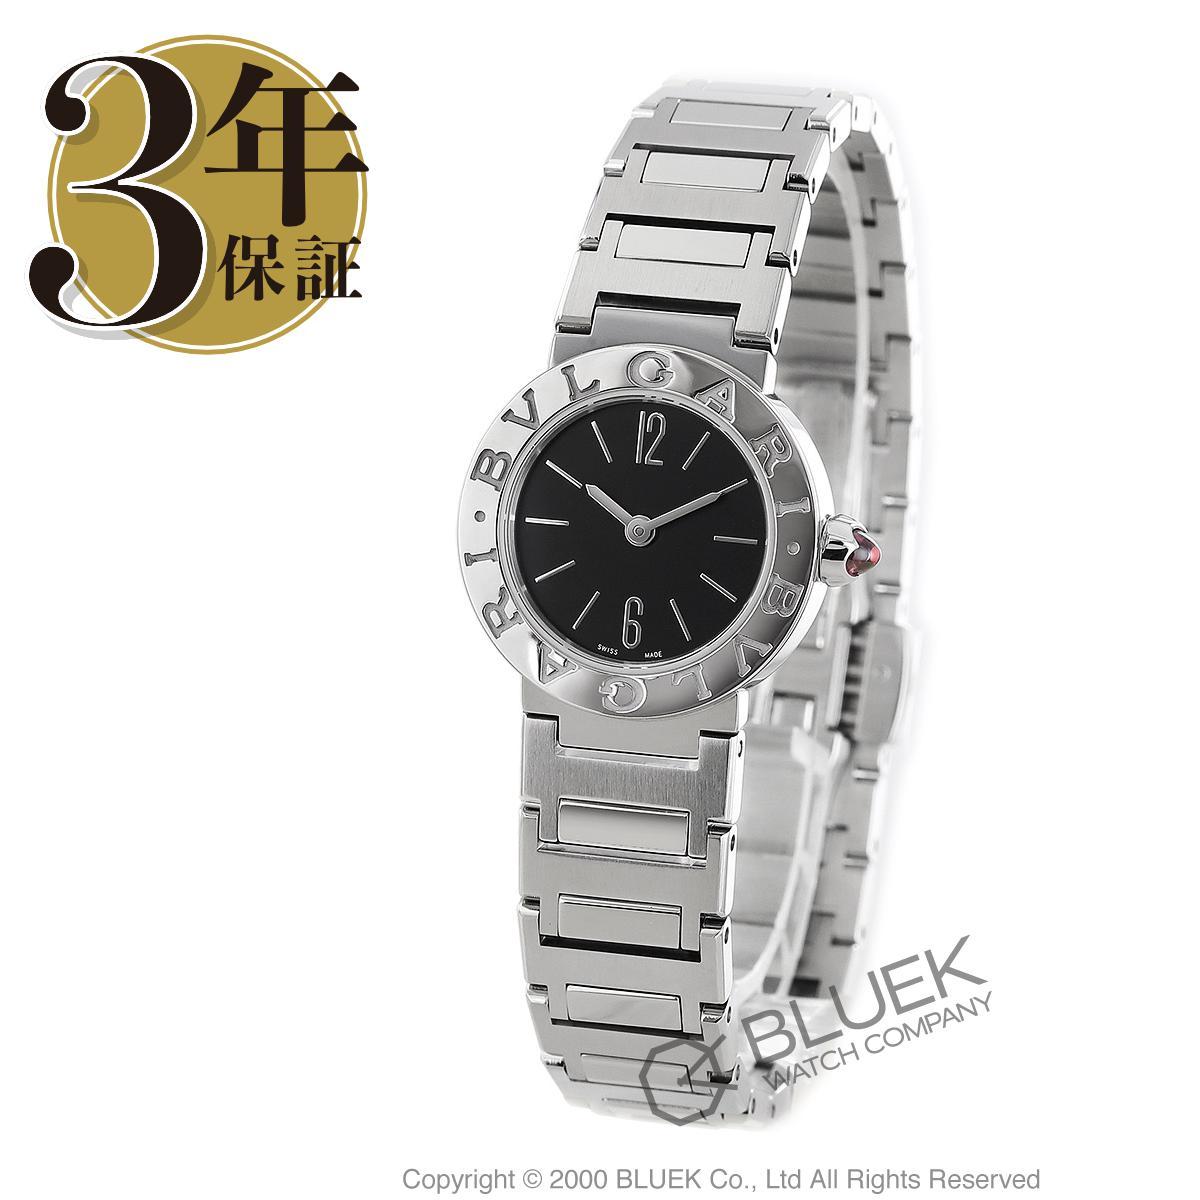 ブルガリ ブルガリブルガリ 腕時計 レディース BVLGARI BBL23BSSD_3